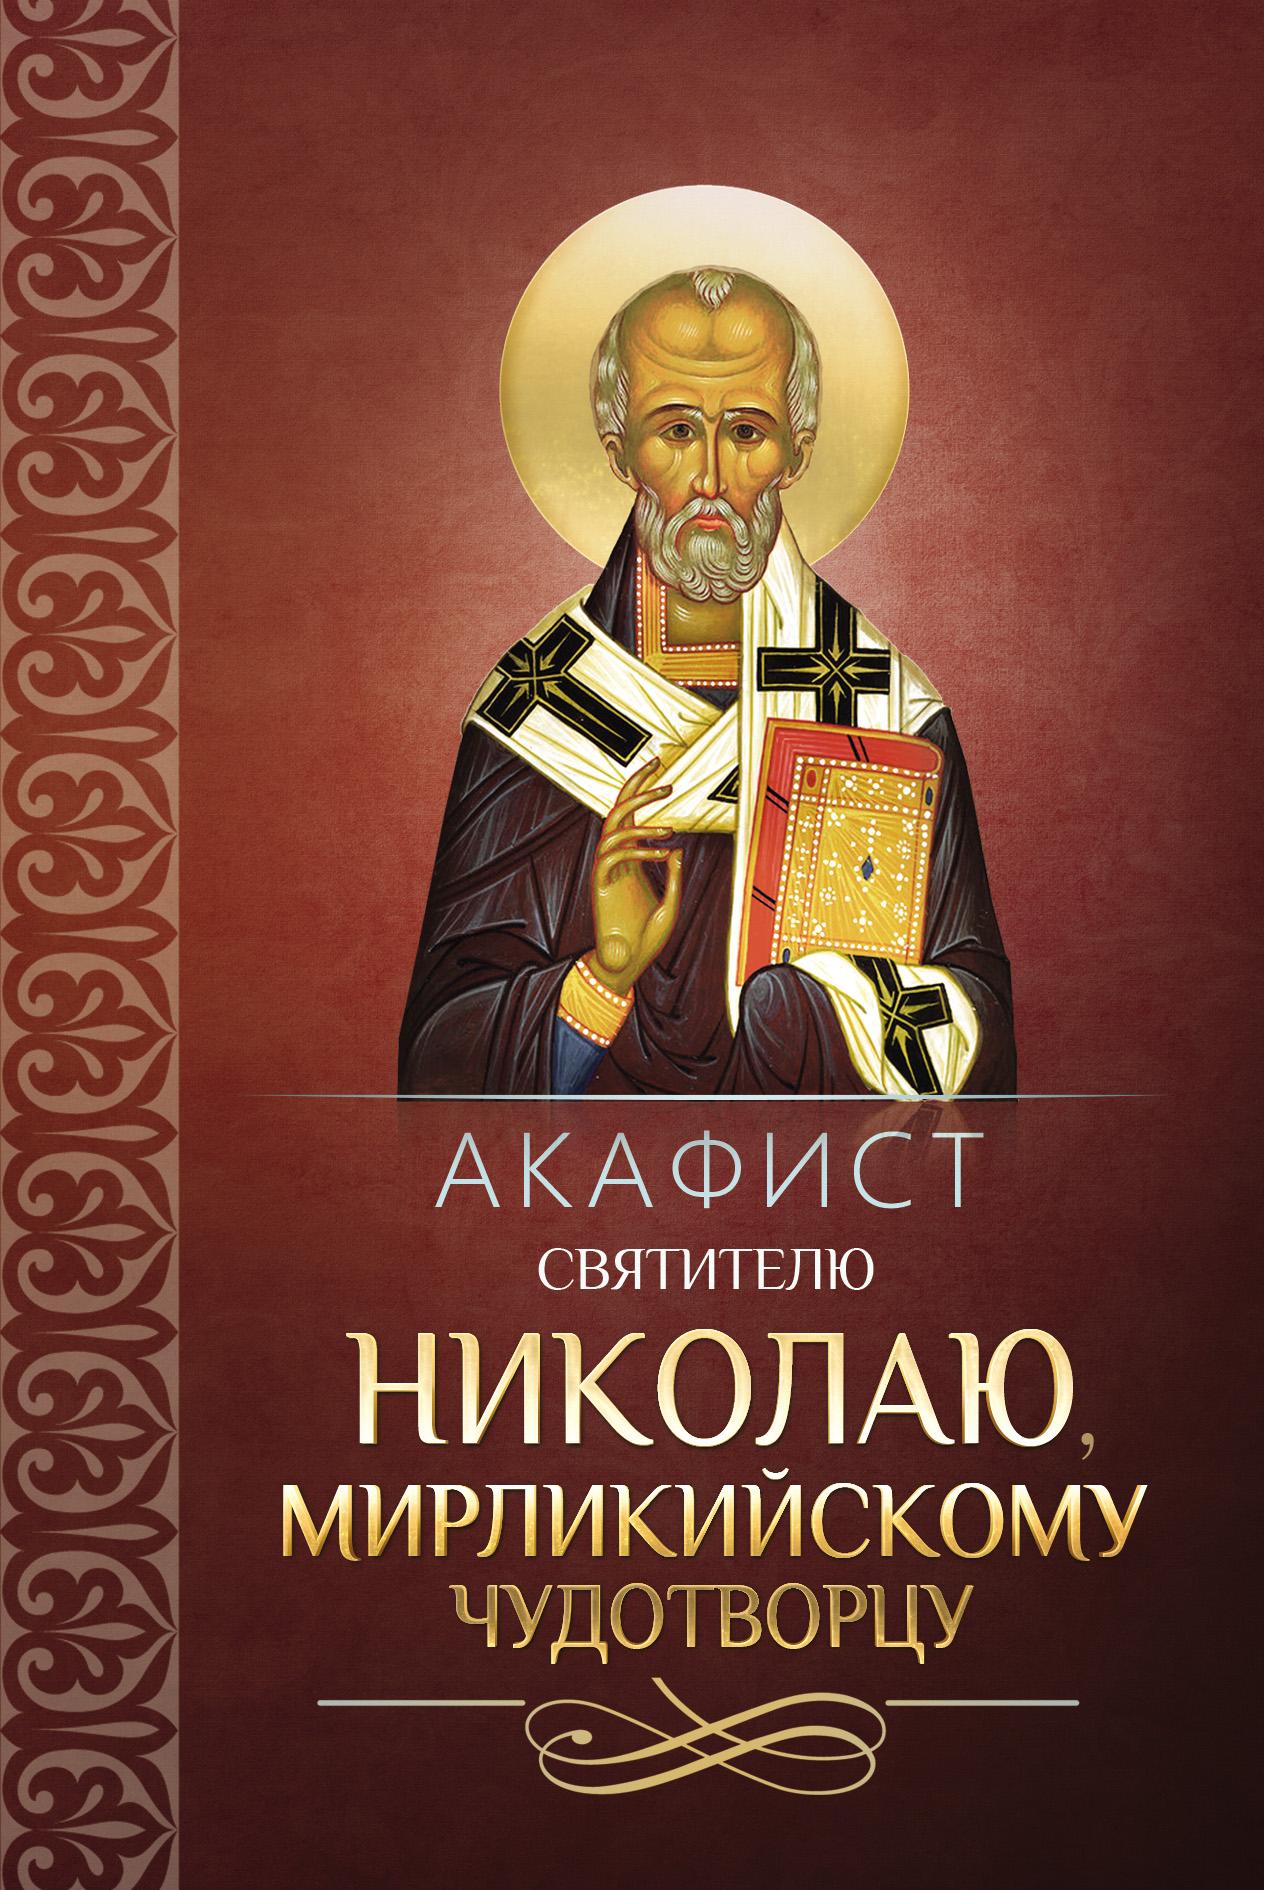 Сборник Акафист святителю Николаю, Мирликийскому чудотворцу акафист святителю луке крымскому